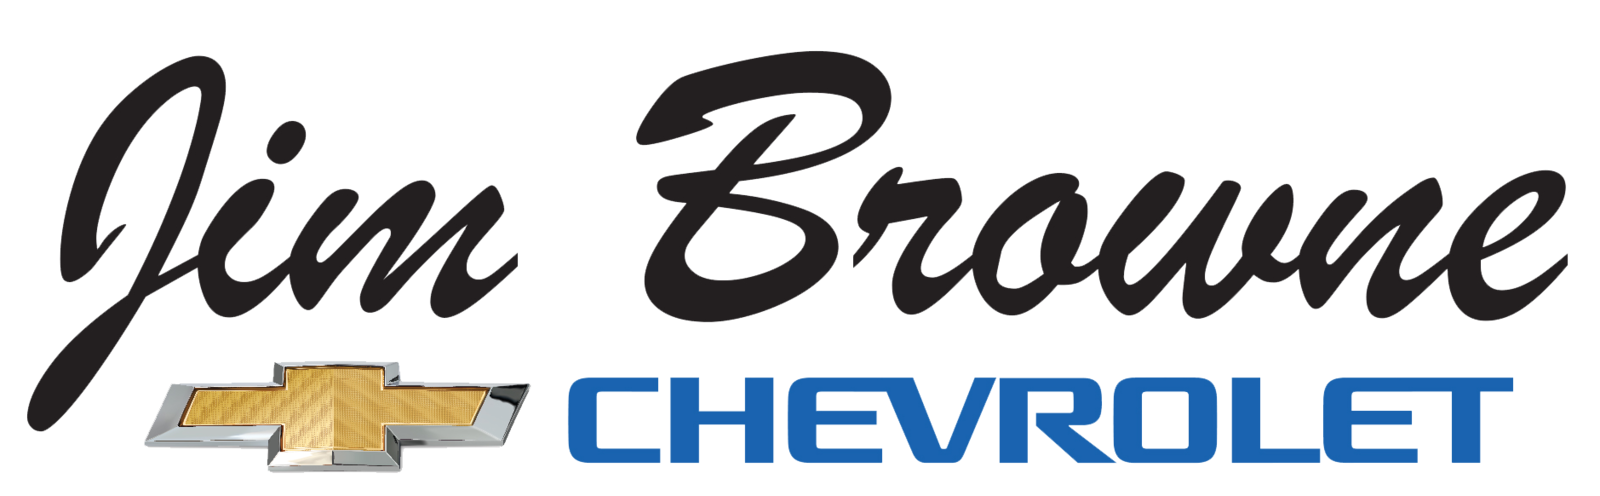 Jim Browne Chevy >> Jim Browne Chevrolet Tampa Fl Read Consumer Reviews